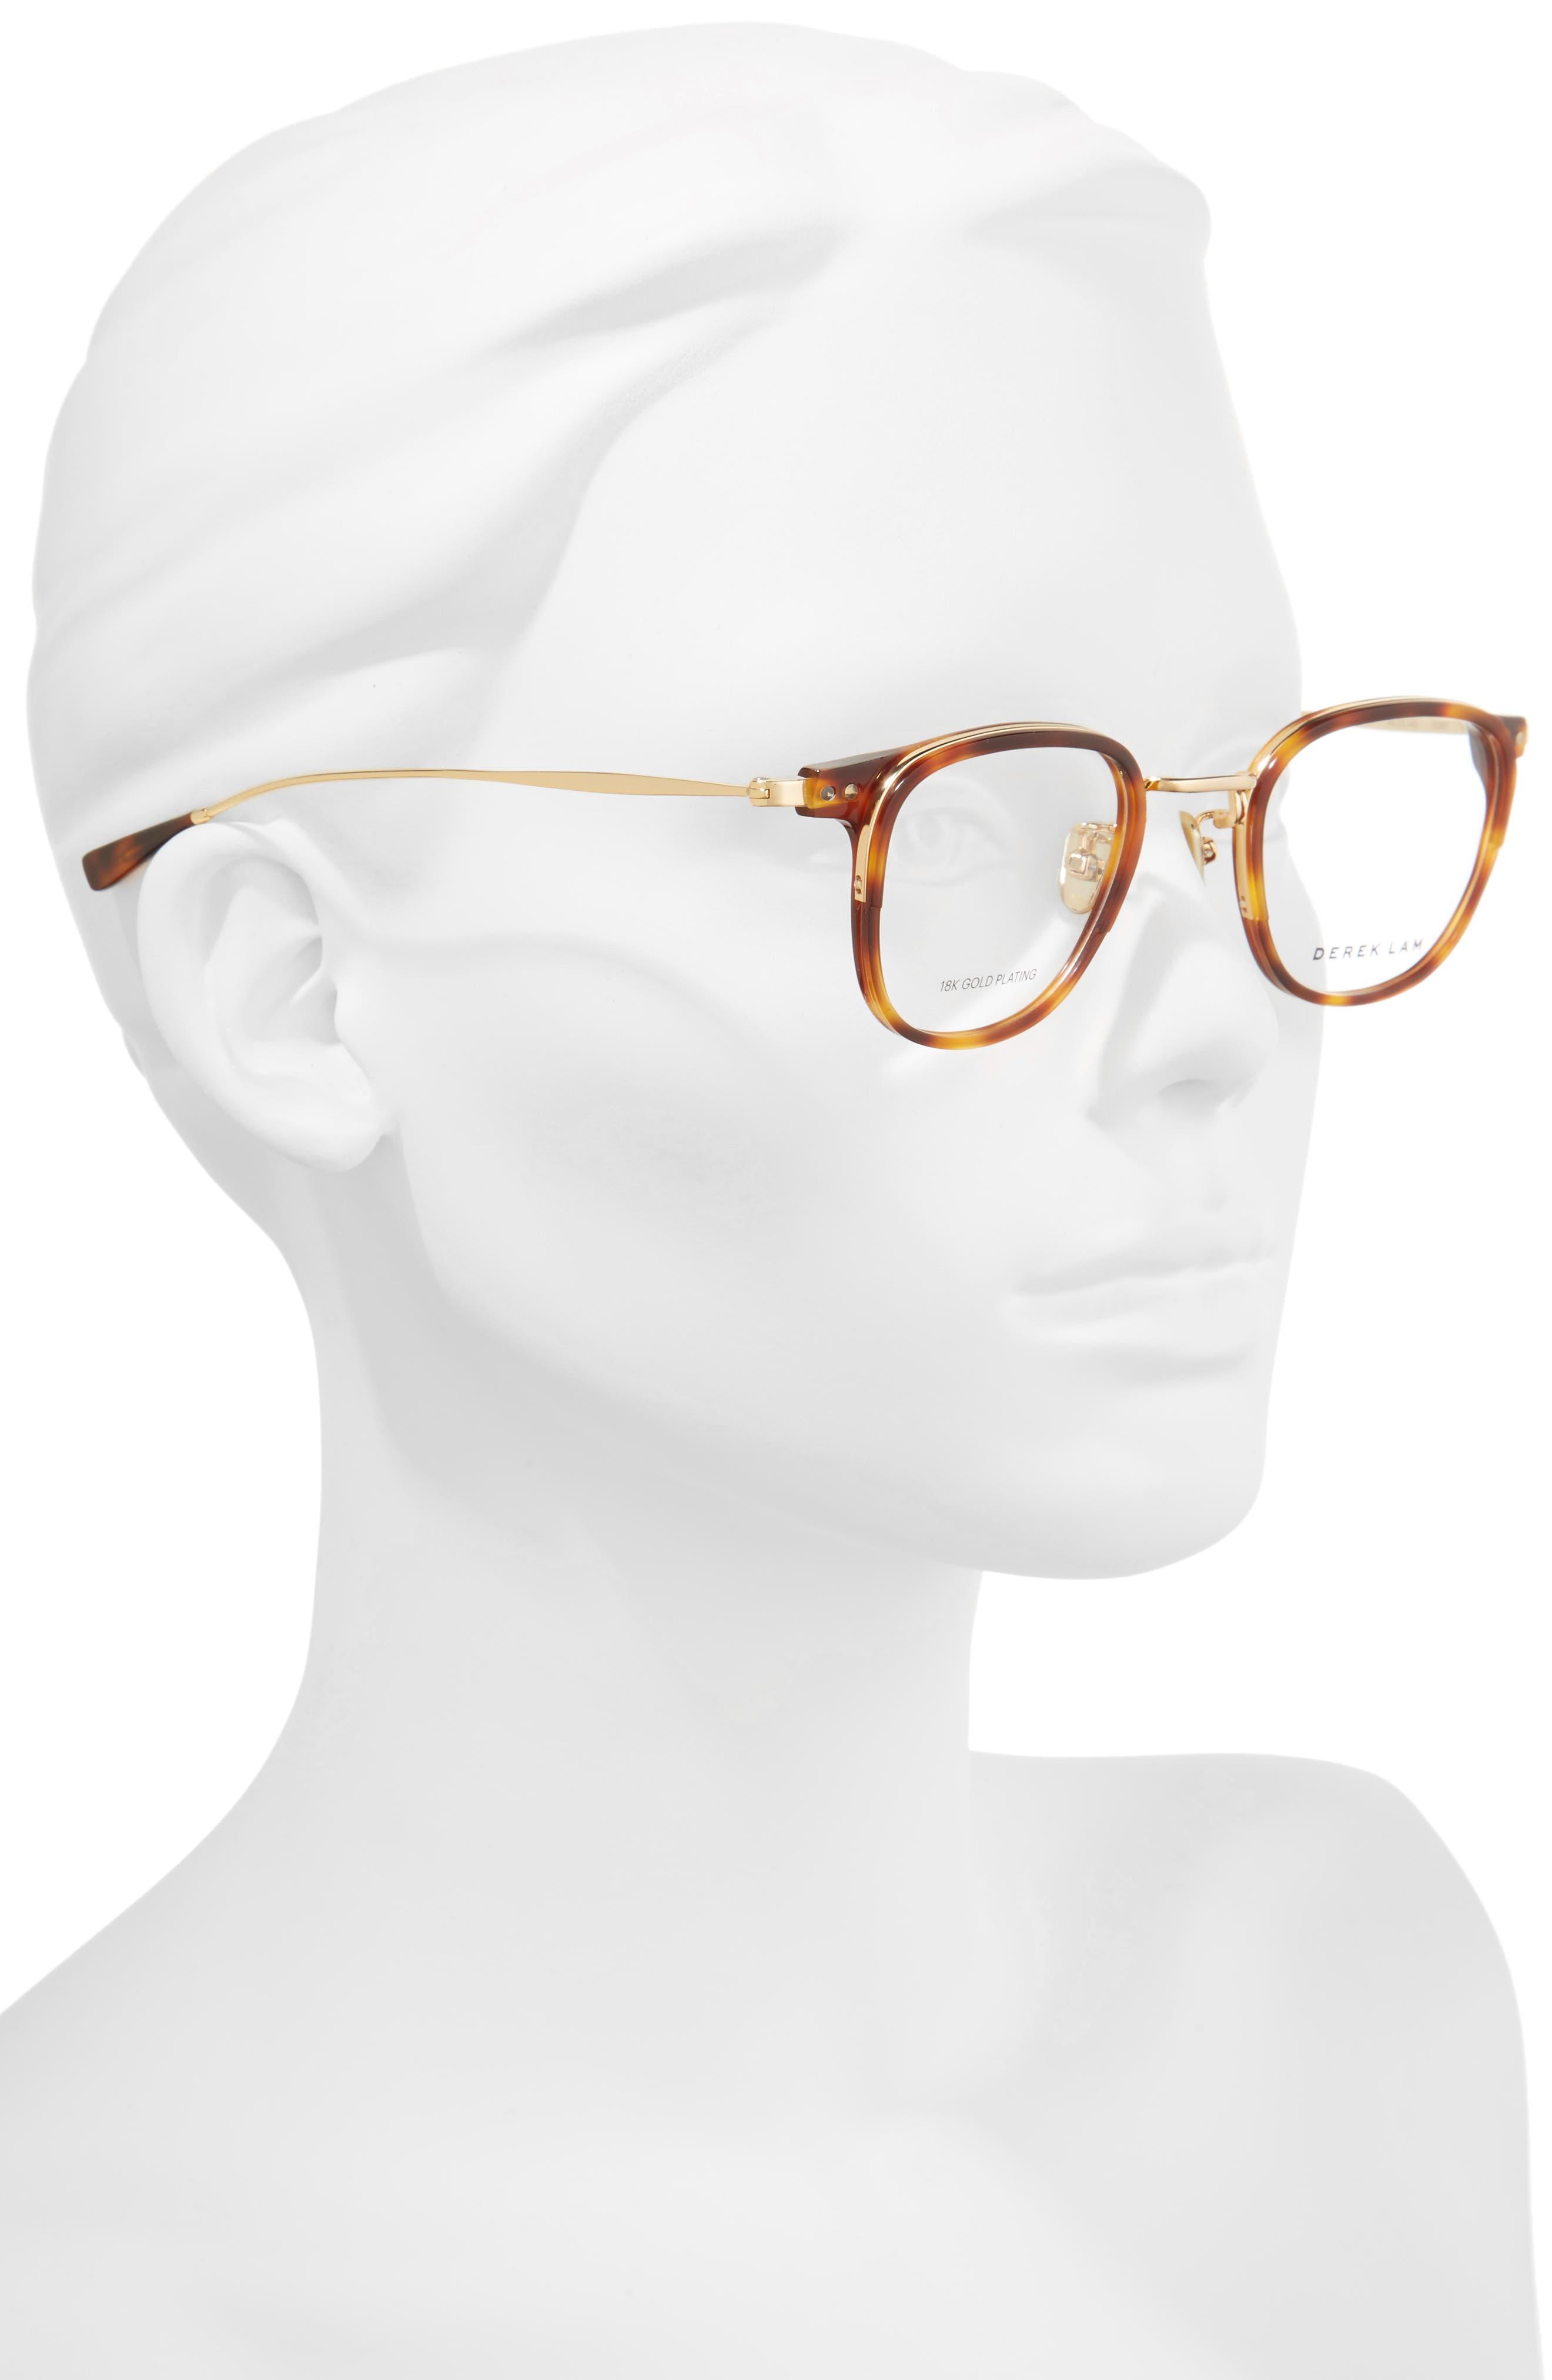 Alternate Image 2  - Derek Lam 49mm Optical Glasses